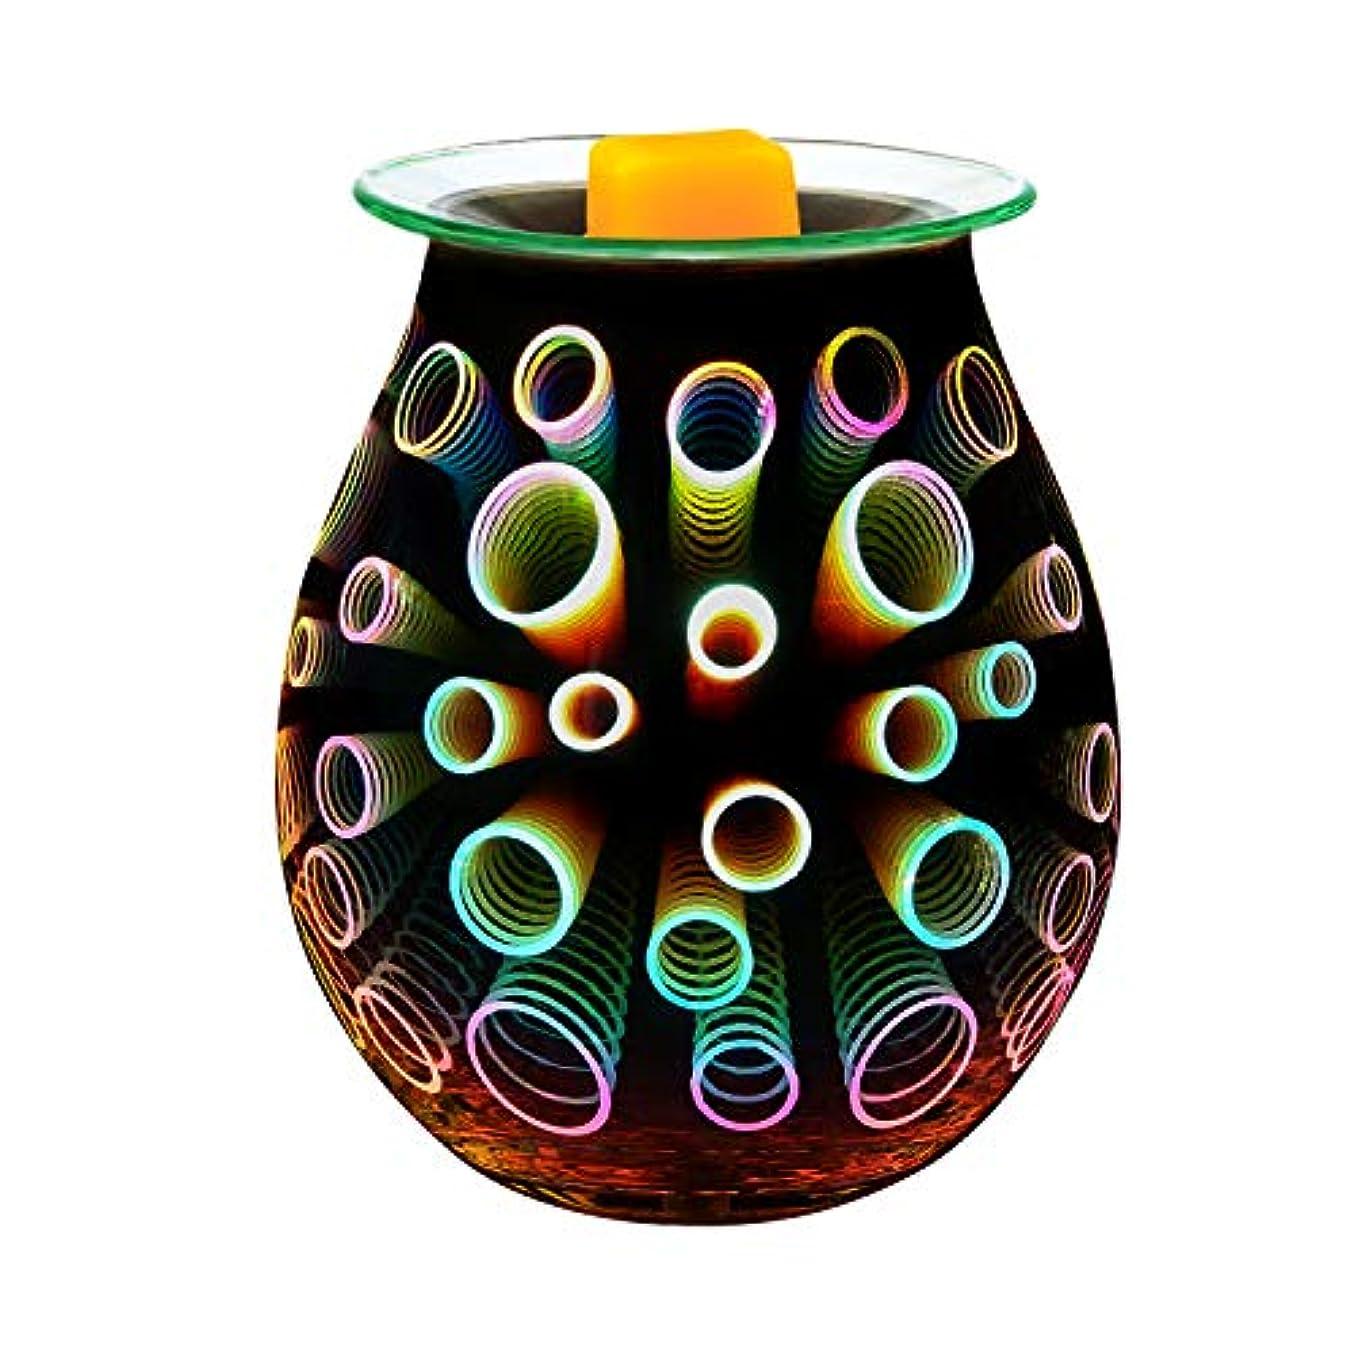 優先フォルダ無意識COOSA Electric Oil Warmer、美しいガラスワックスTart Burner夜ライトアロマ装飾ランプwith 3d効果のGifts & Decor EL0717_US